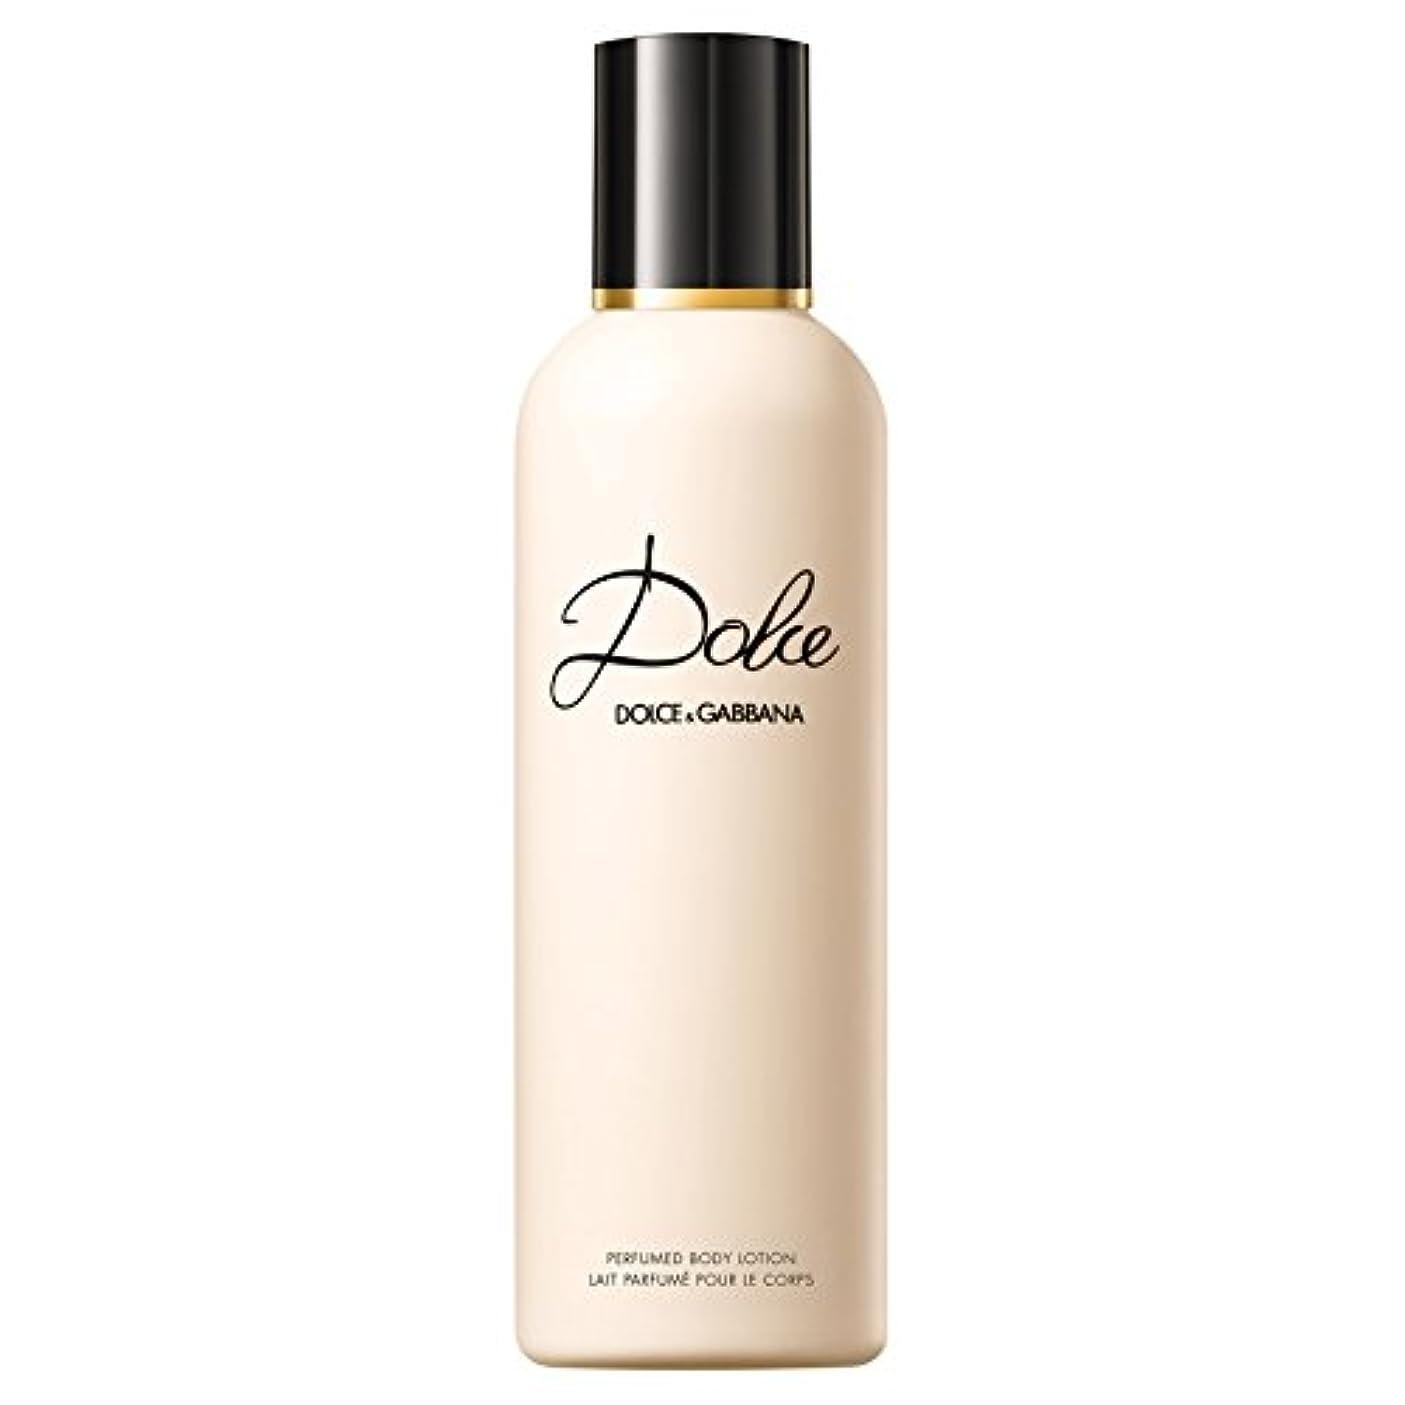 擬人化対話宿題をするドルチェ&ガッバーナドルチェのボディローション200ミリリットル (Dolce & Gabbana) (x6) - Dolce & Gabbana Dolce Body Lotion 200ml (Pack of 6)...